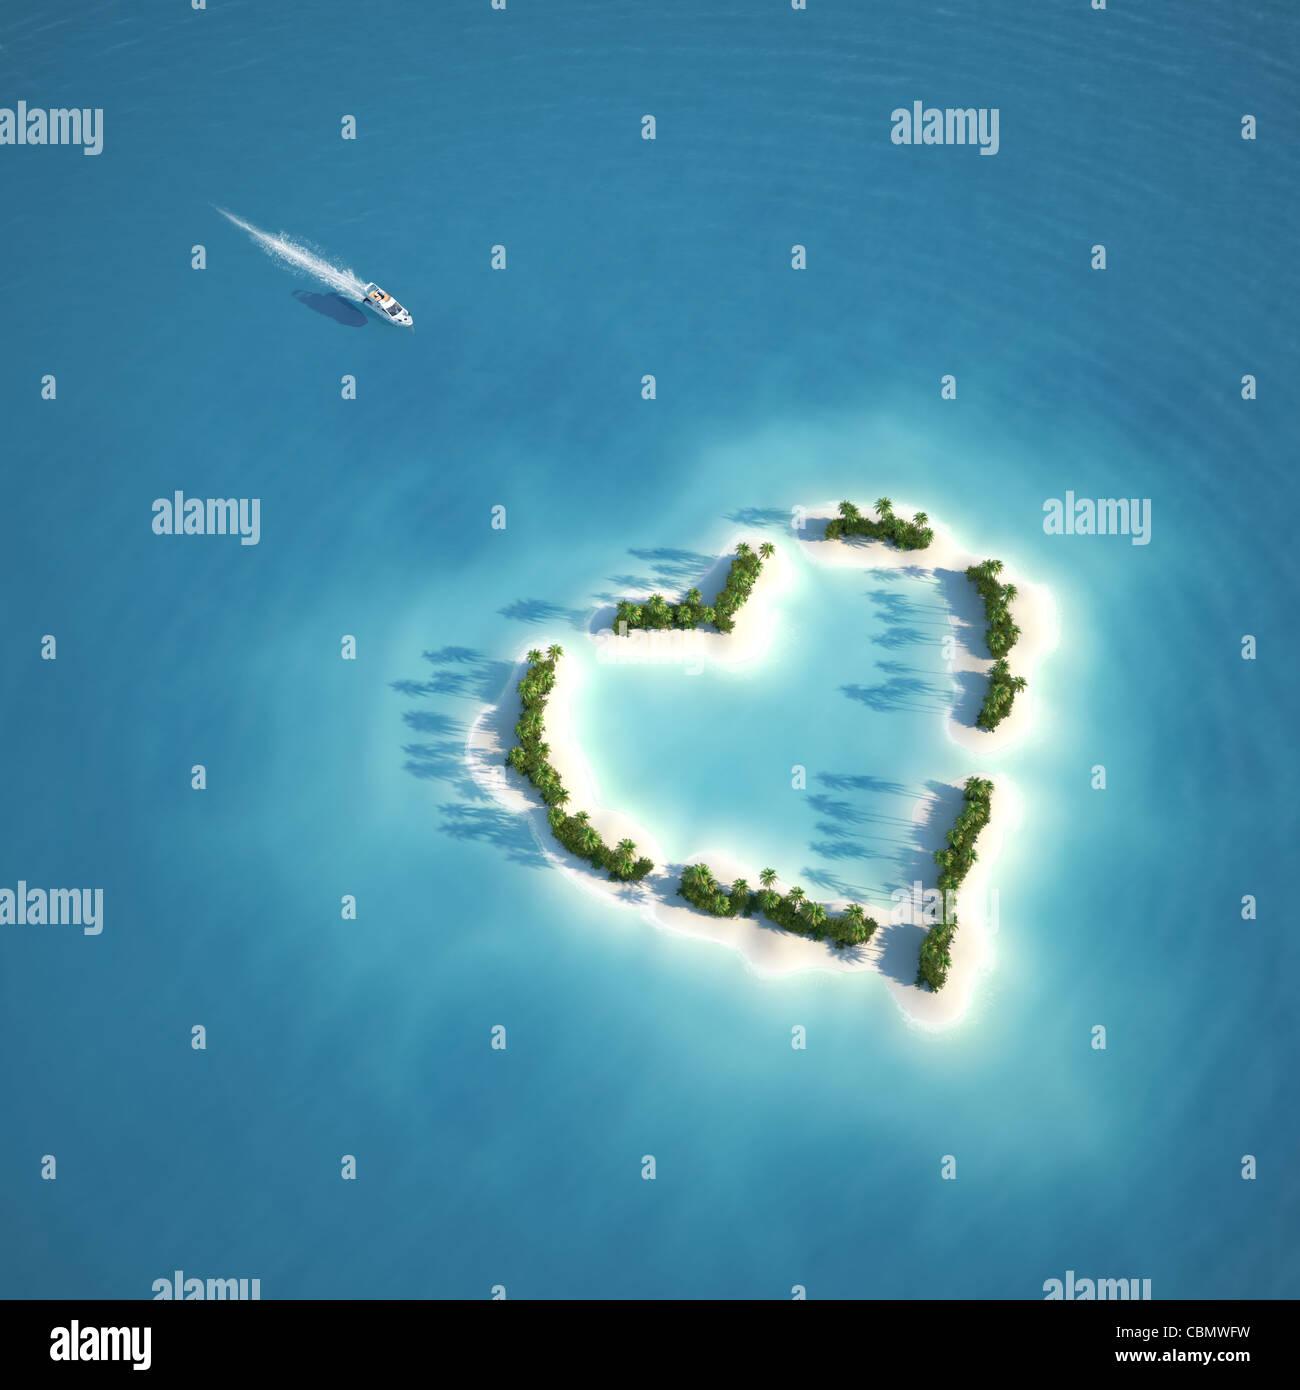 Location de la position de l'île en forme de coeur vu de l'air concept pour des vacances romantiques Photo Stock